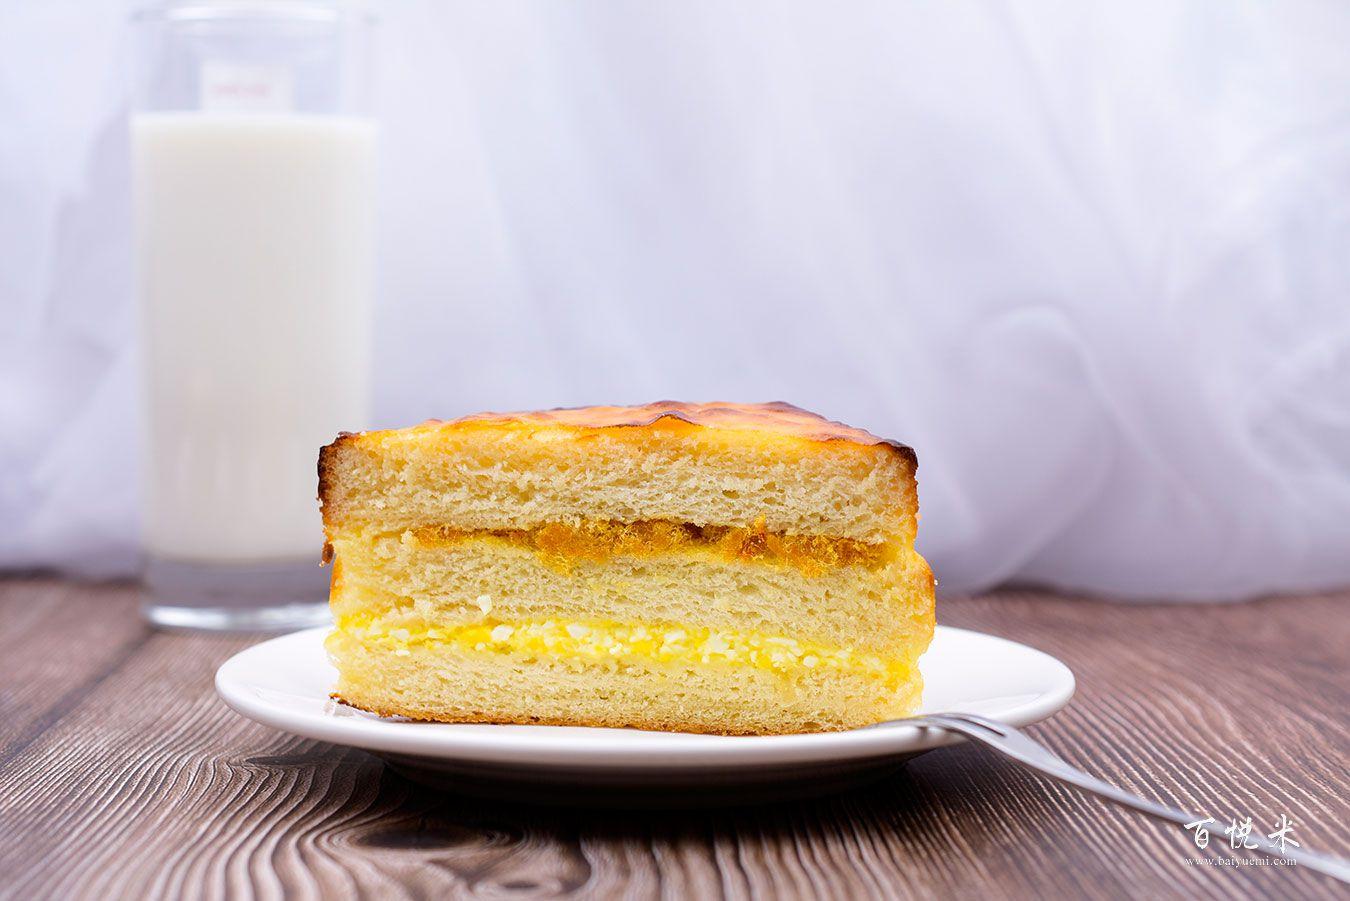 炭烧乳酪高清图片大全【蛋糕图片】